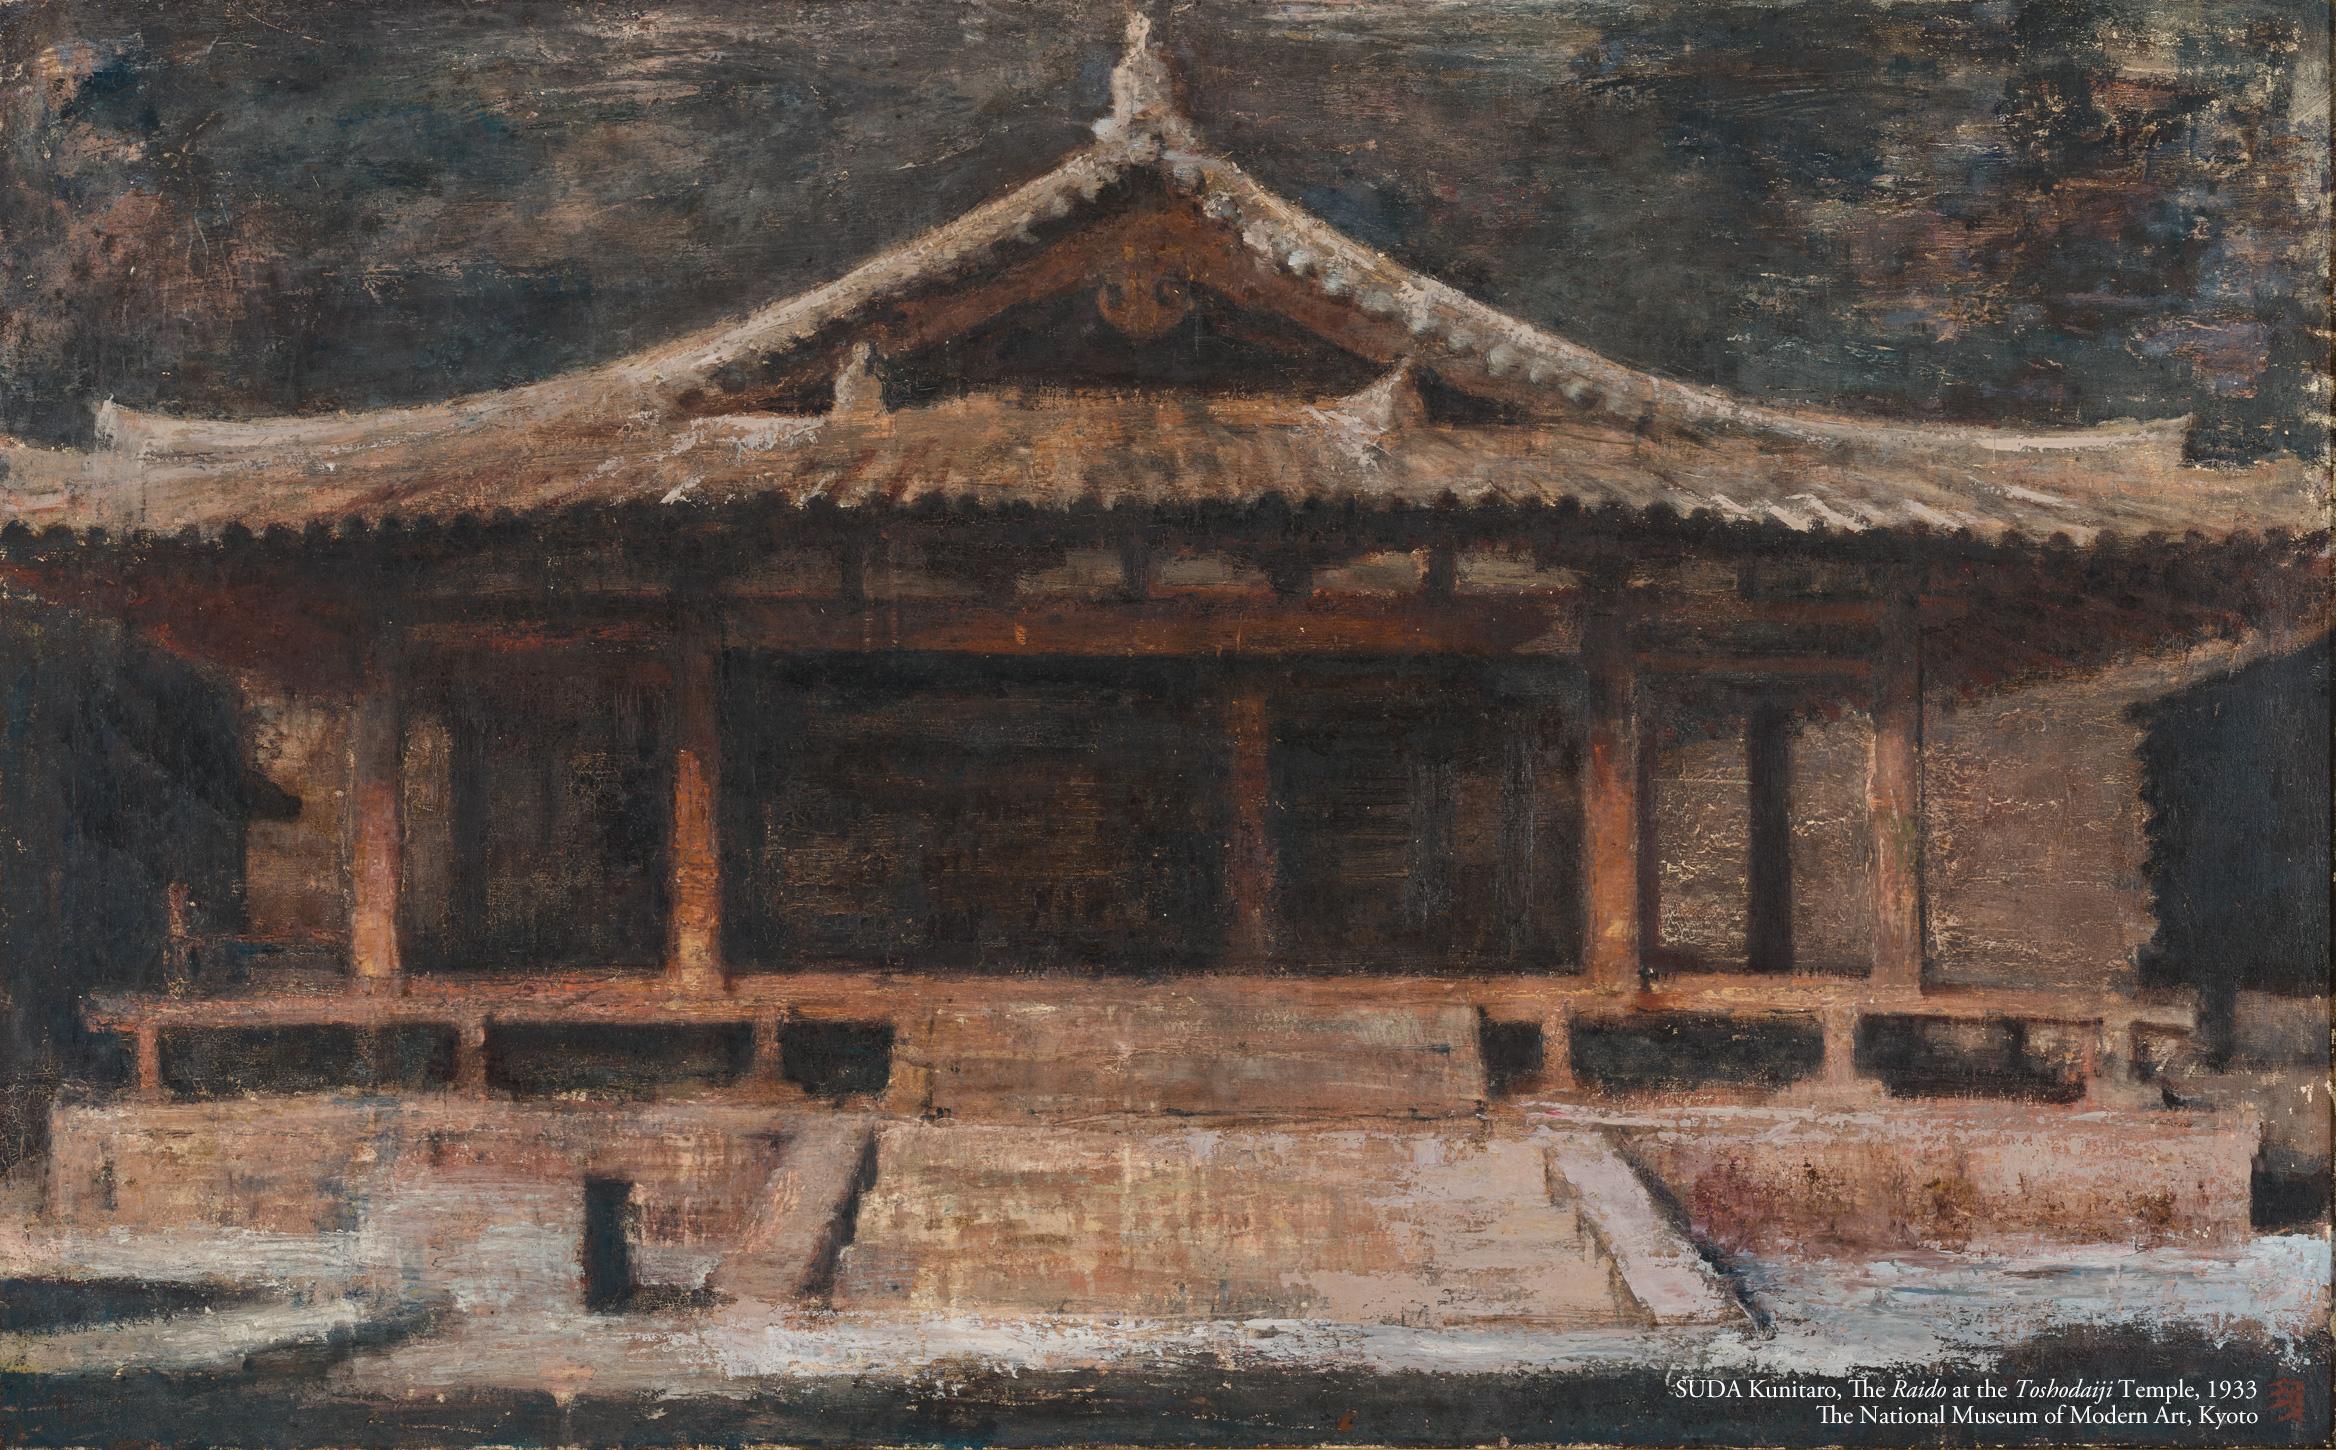 SUDA Kunitaro, The Raido at the Toshodaiji Temple, 1933